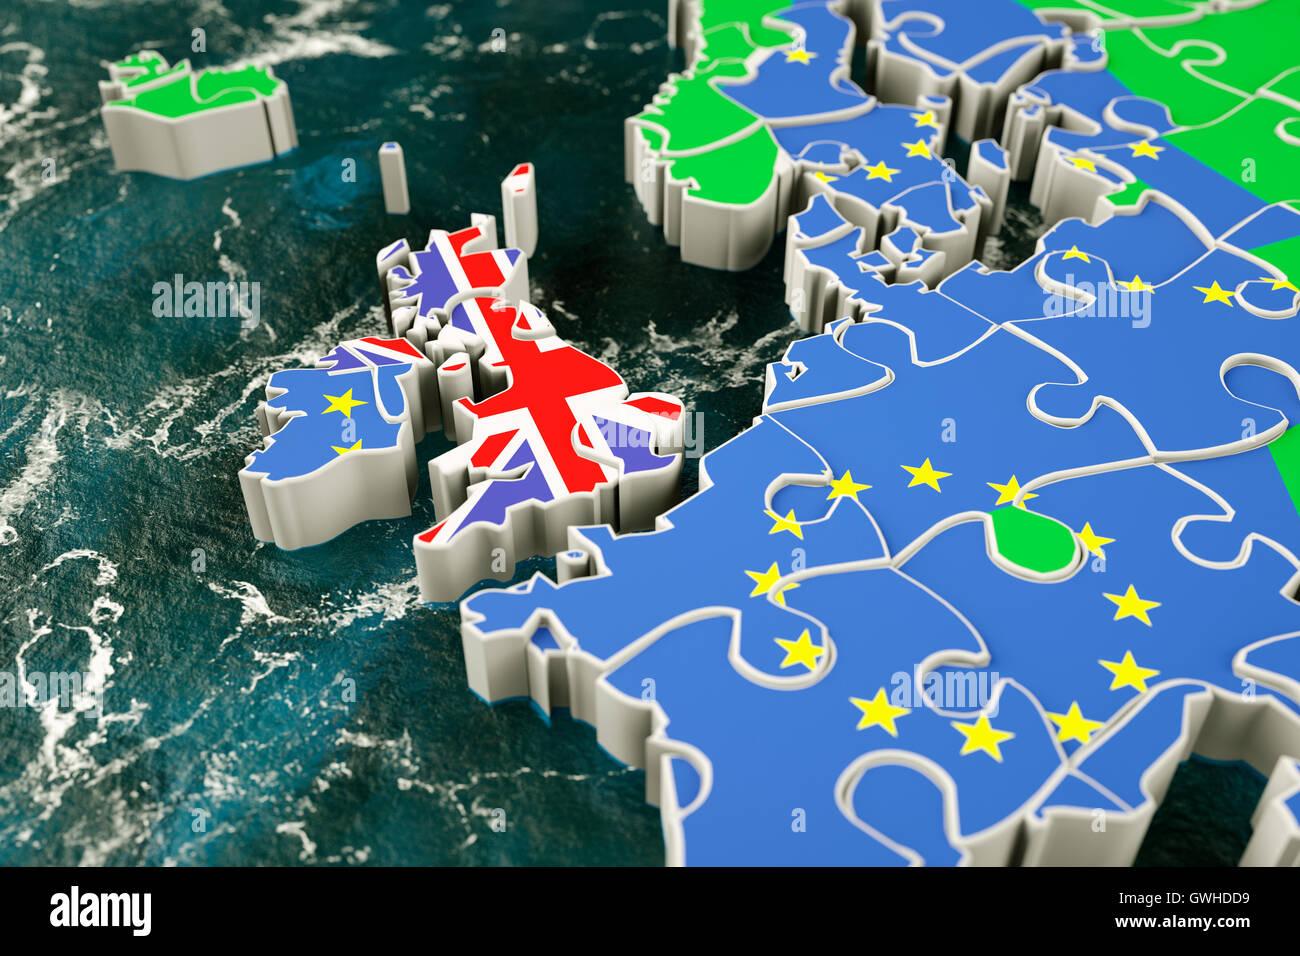 Concetto Brexit puzzle - Gran Bretagna lasciando l'Unione europea, Unione Europea Immagini Stock